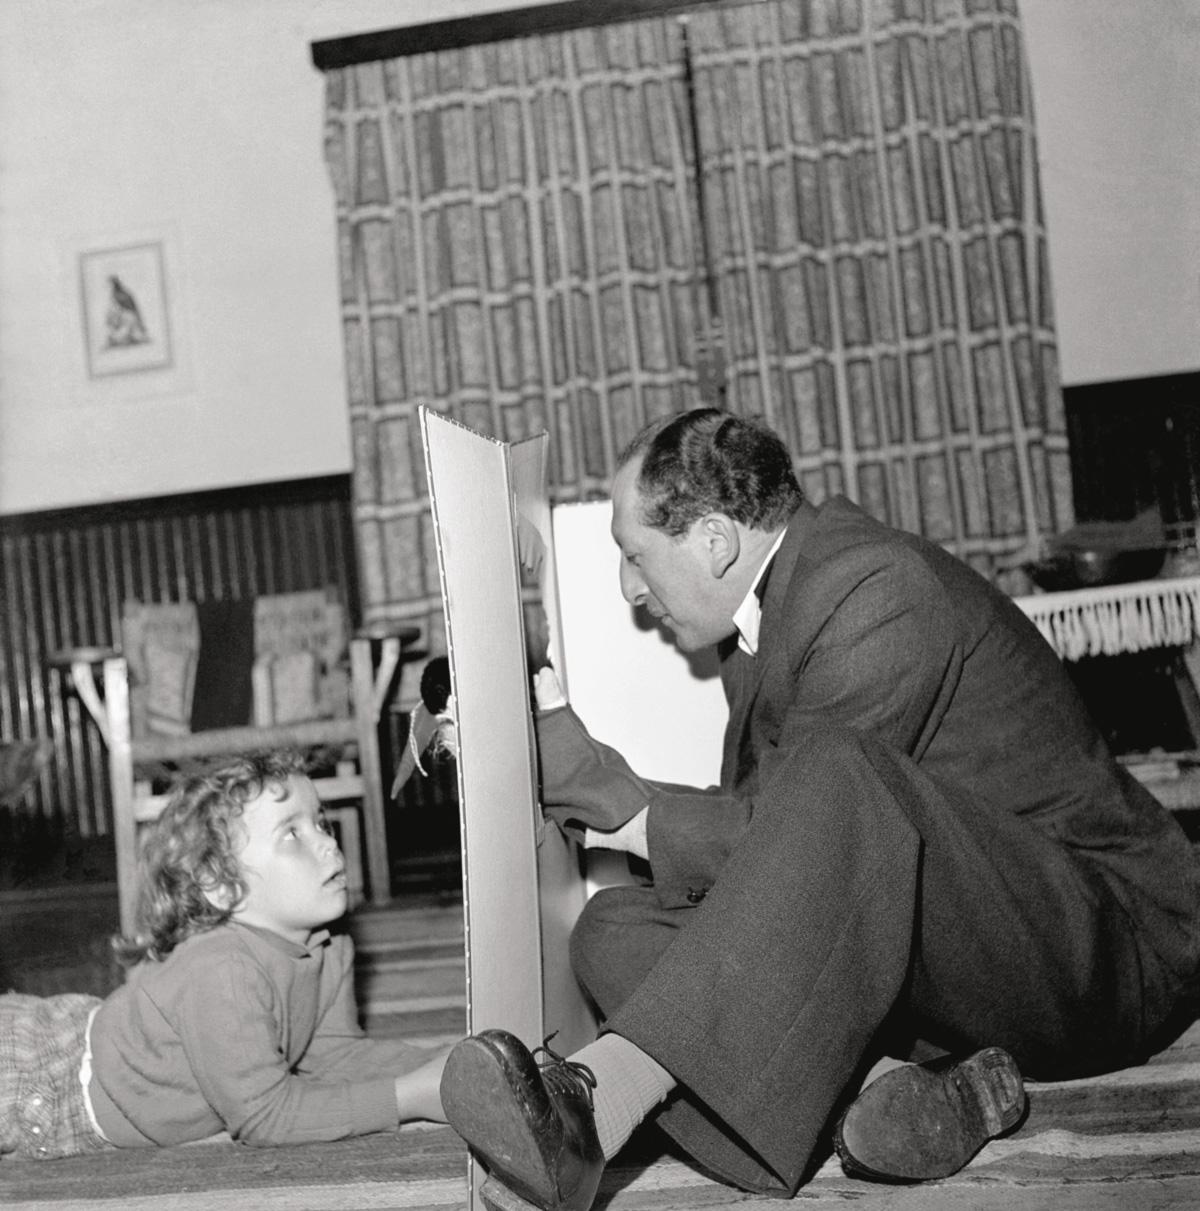 O crítico teatral Anatol Rosenfeld com a filha da fotógrafa Hildegard Rosenthal. A experiência de caixeiro-viajante inspirou escritos que provocaram a comunidade judaica a que pertencia